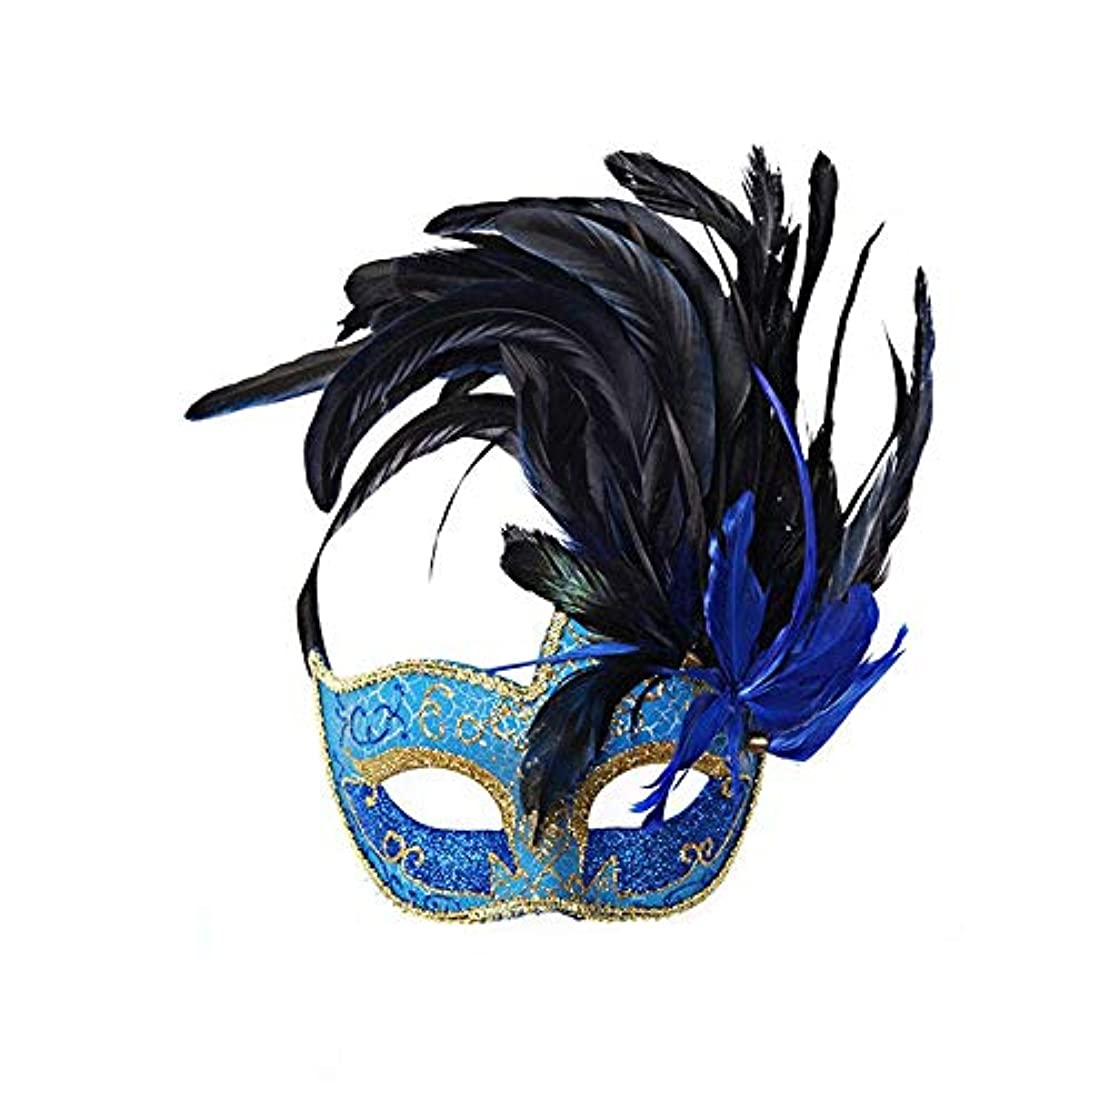 マーケティング彫るポークNanle ハロウィンマスクハーフフェザーマスクベニスプリンセスマスク美容レース仮面ライダーコスプレ (色 : Style A blue)